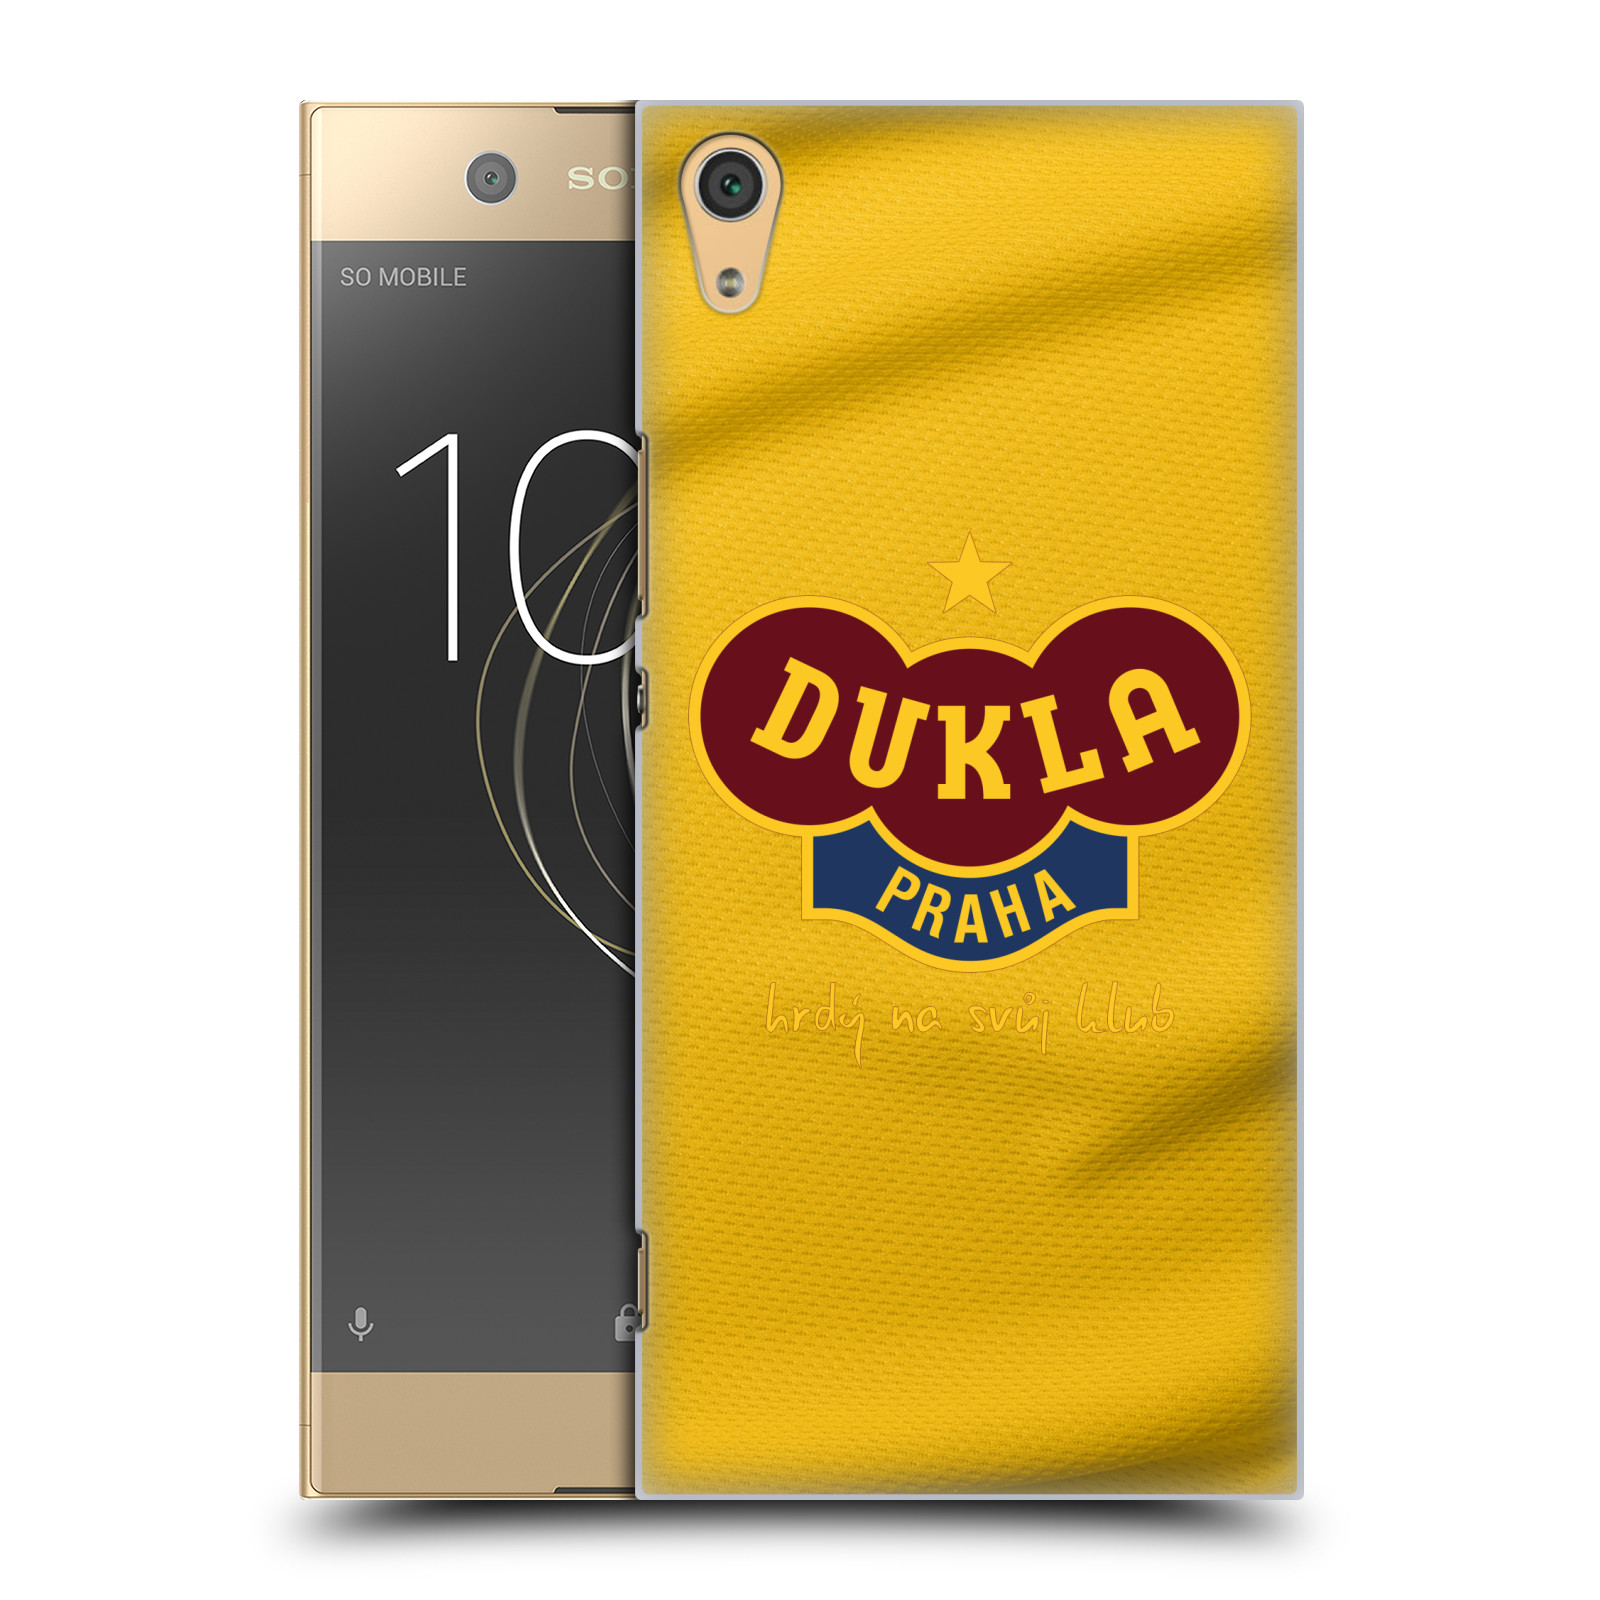 Plastové pouzdro na mobil Sony Xperia XA1 Ultra - FK Dukla Praha - Žlutý dres (Plastové pouzdro na mobil Sony Xperia XA1 Ultra - FK Dukla Praha - Žlutý dres)